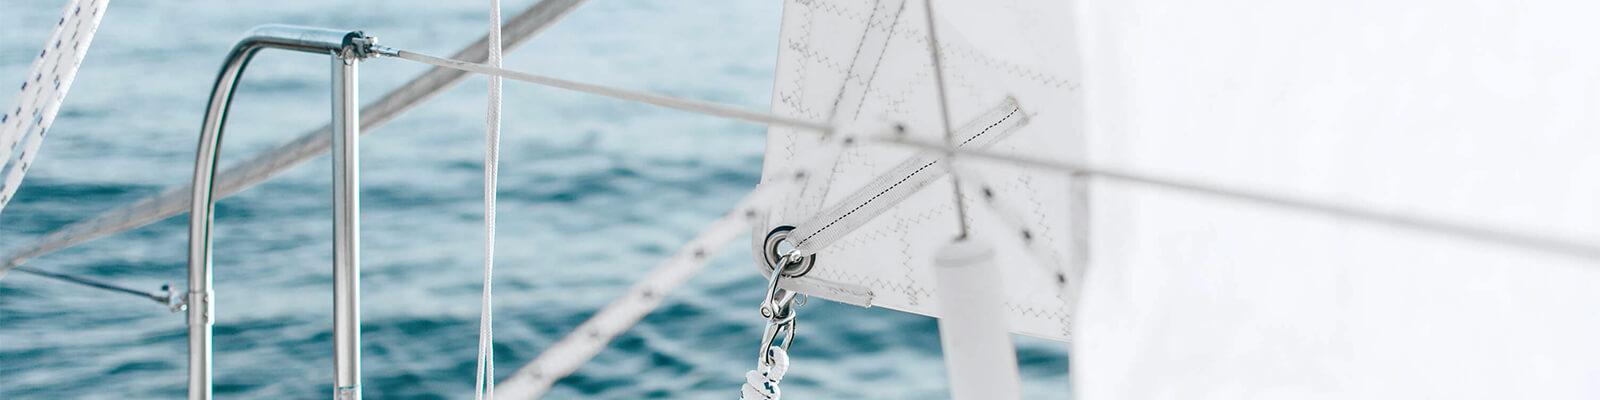 Segel eines Segelbootes auf dem Meer